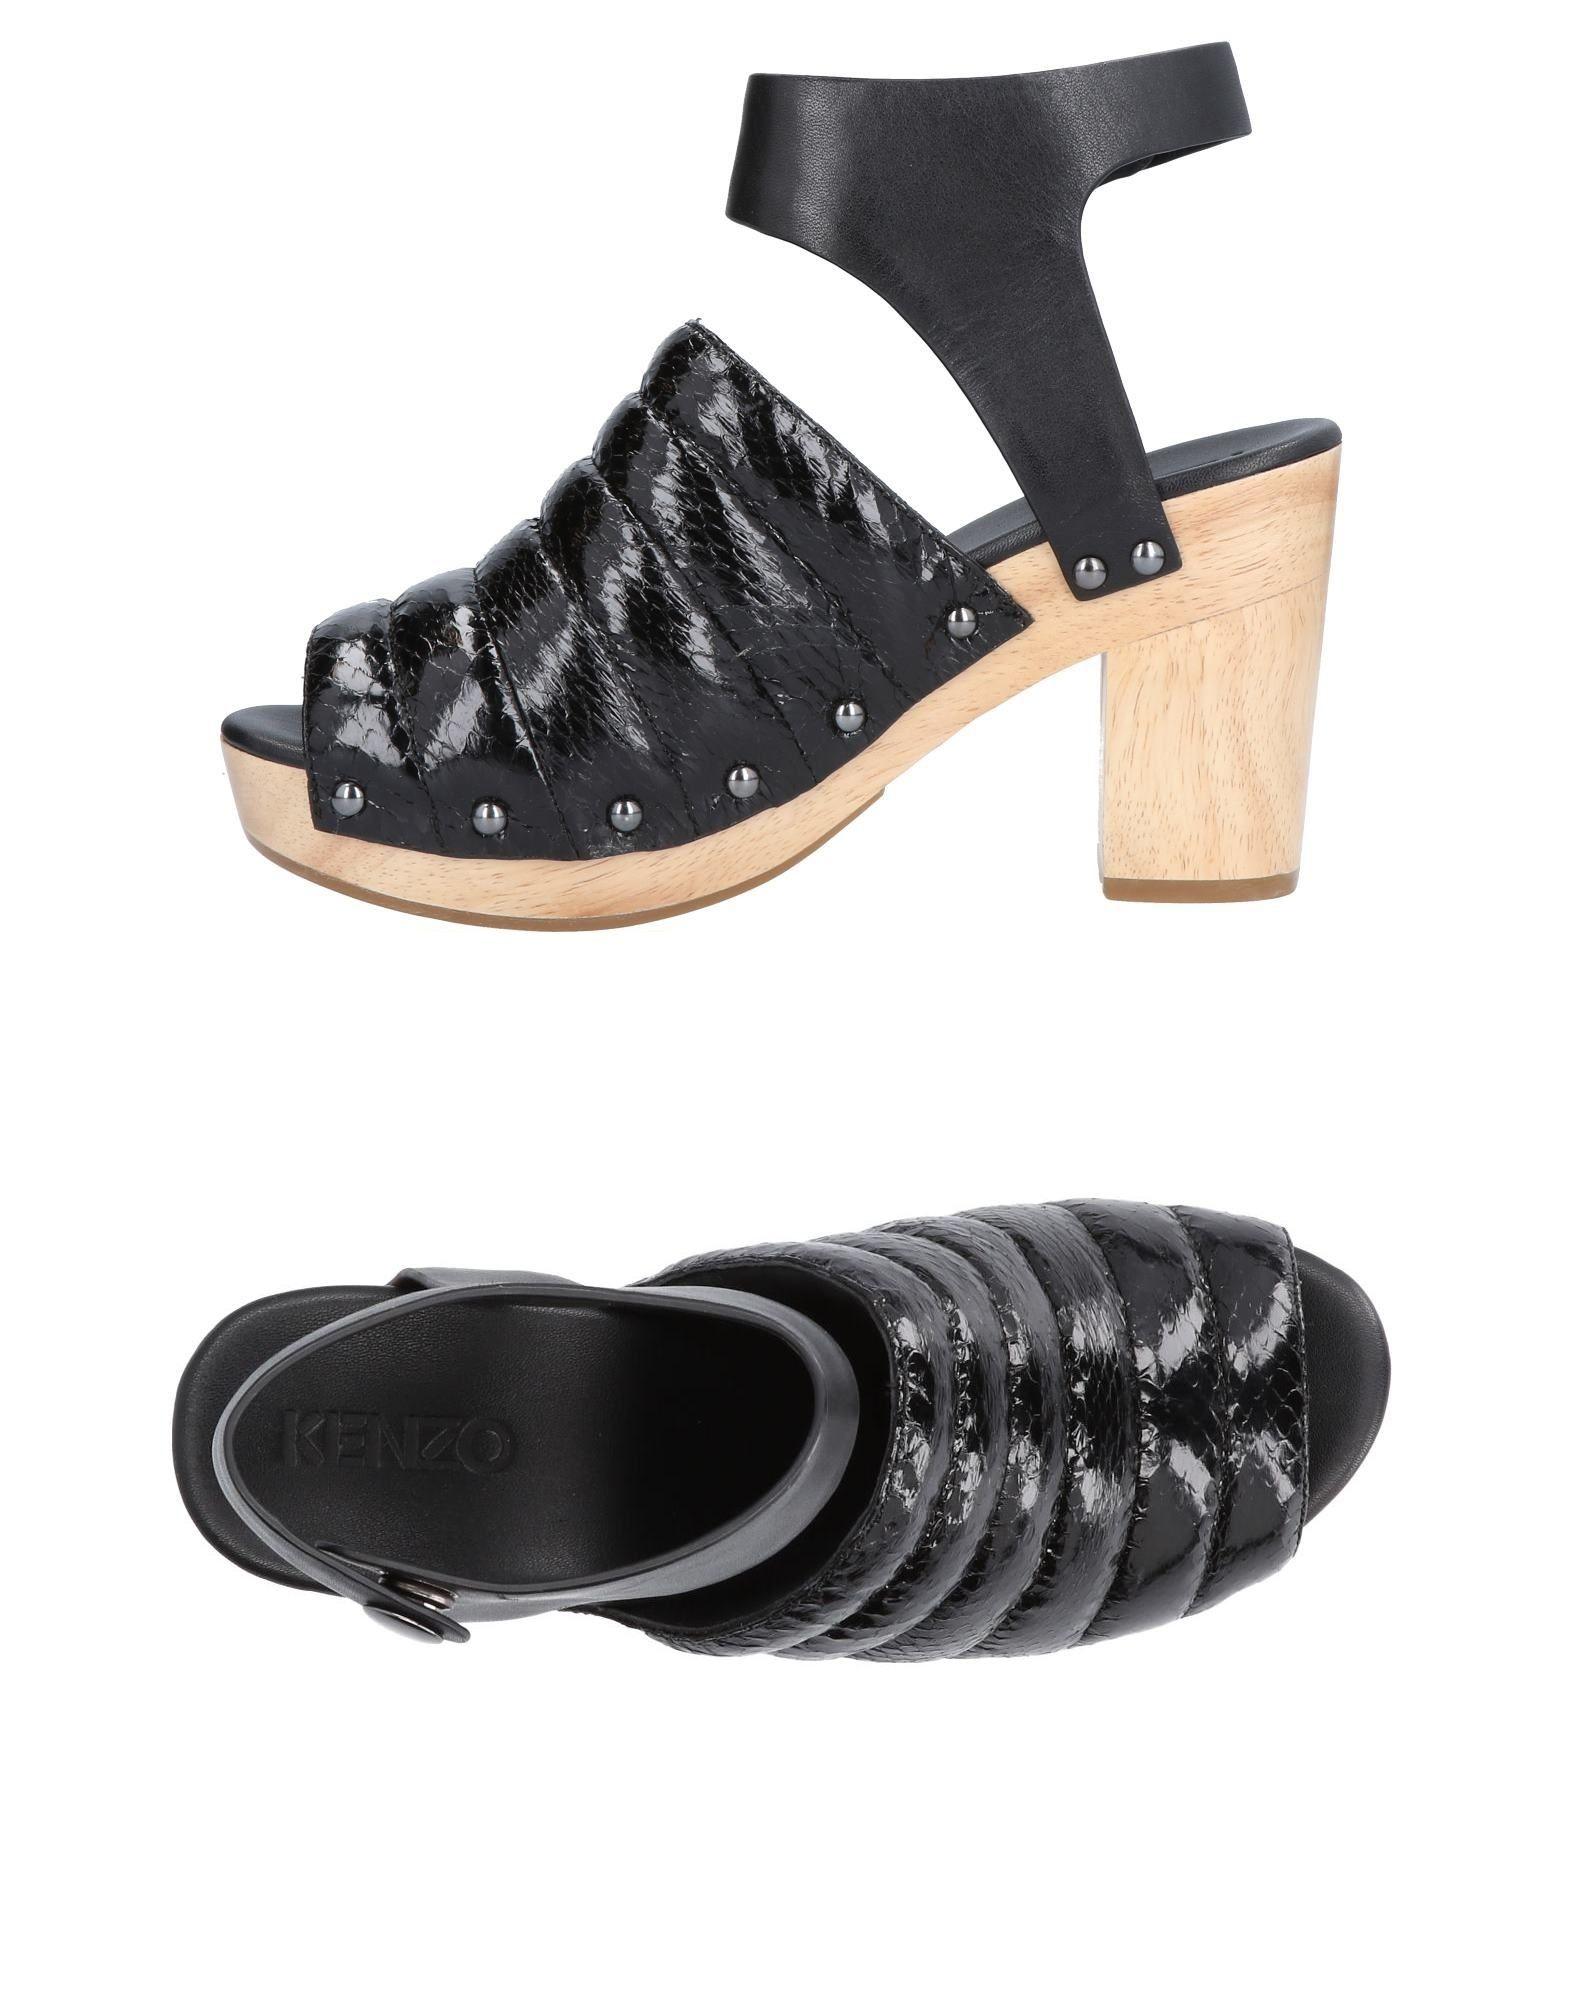 Rabatt Schuhe Kenzo Pantoletten Damen  11479976KS